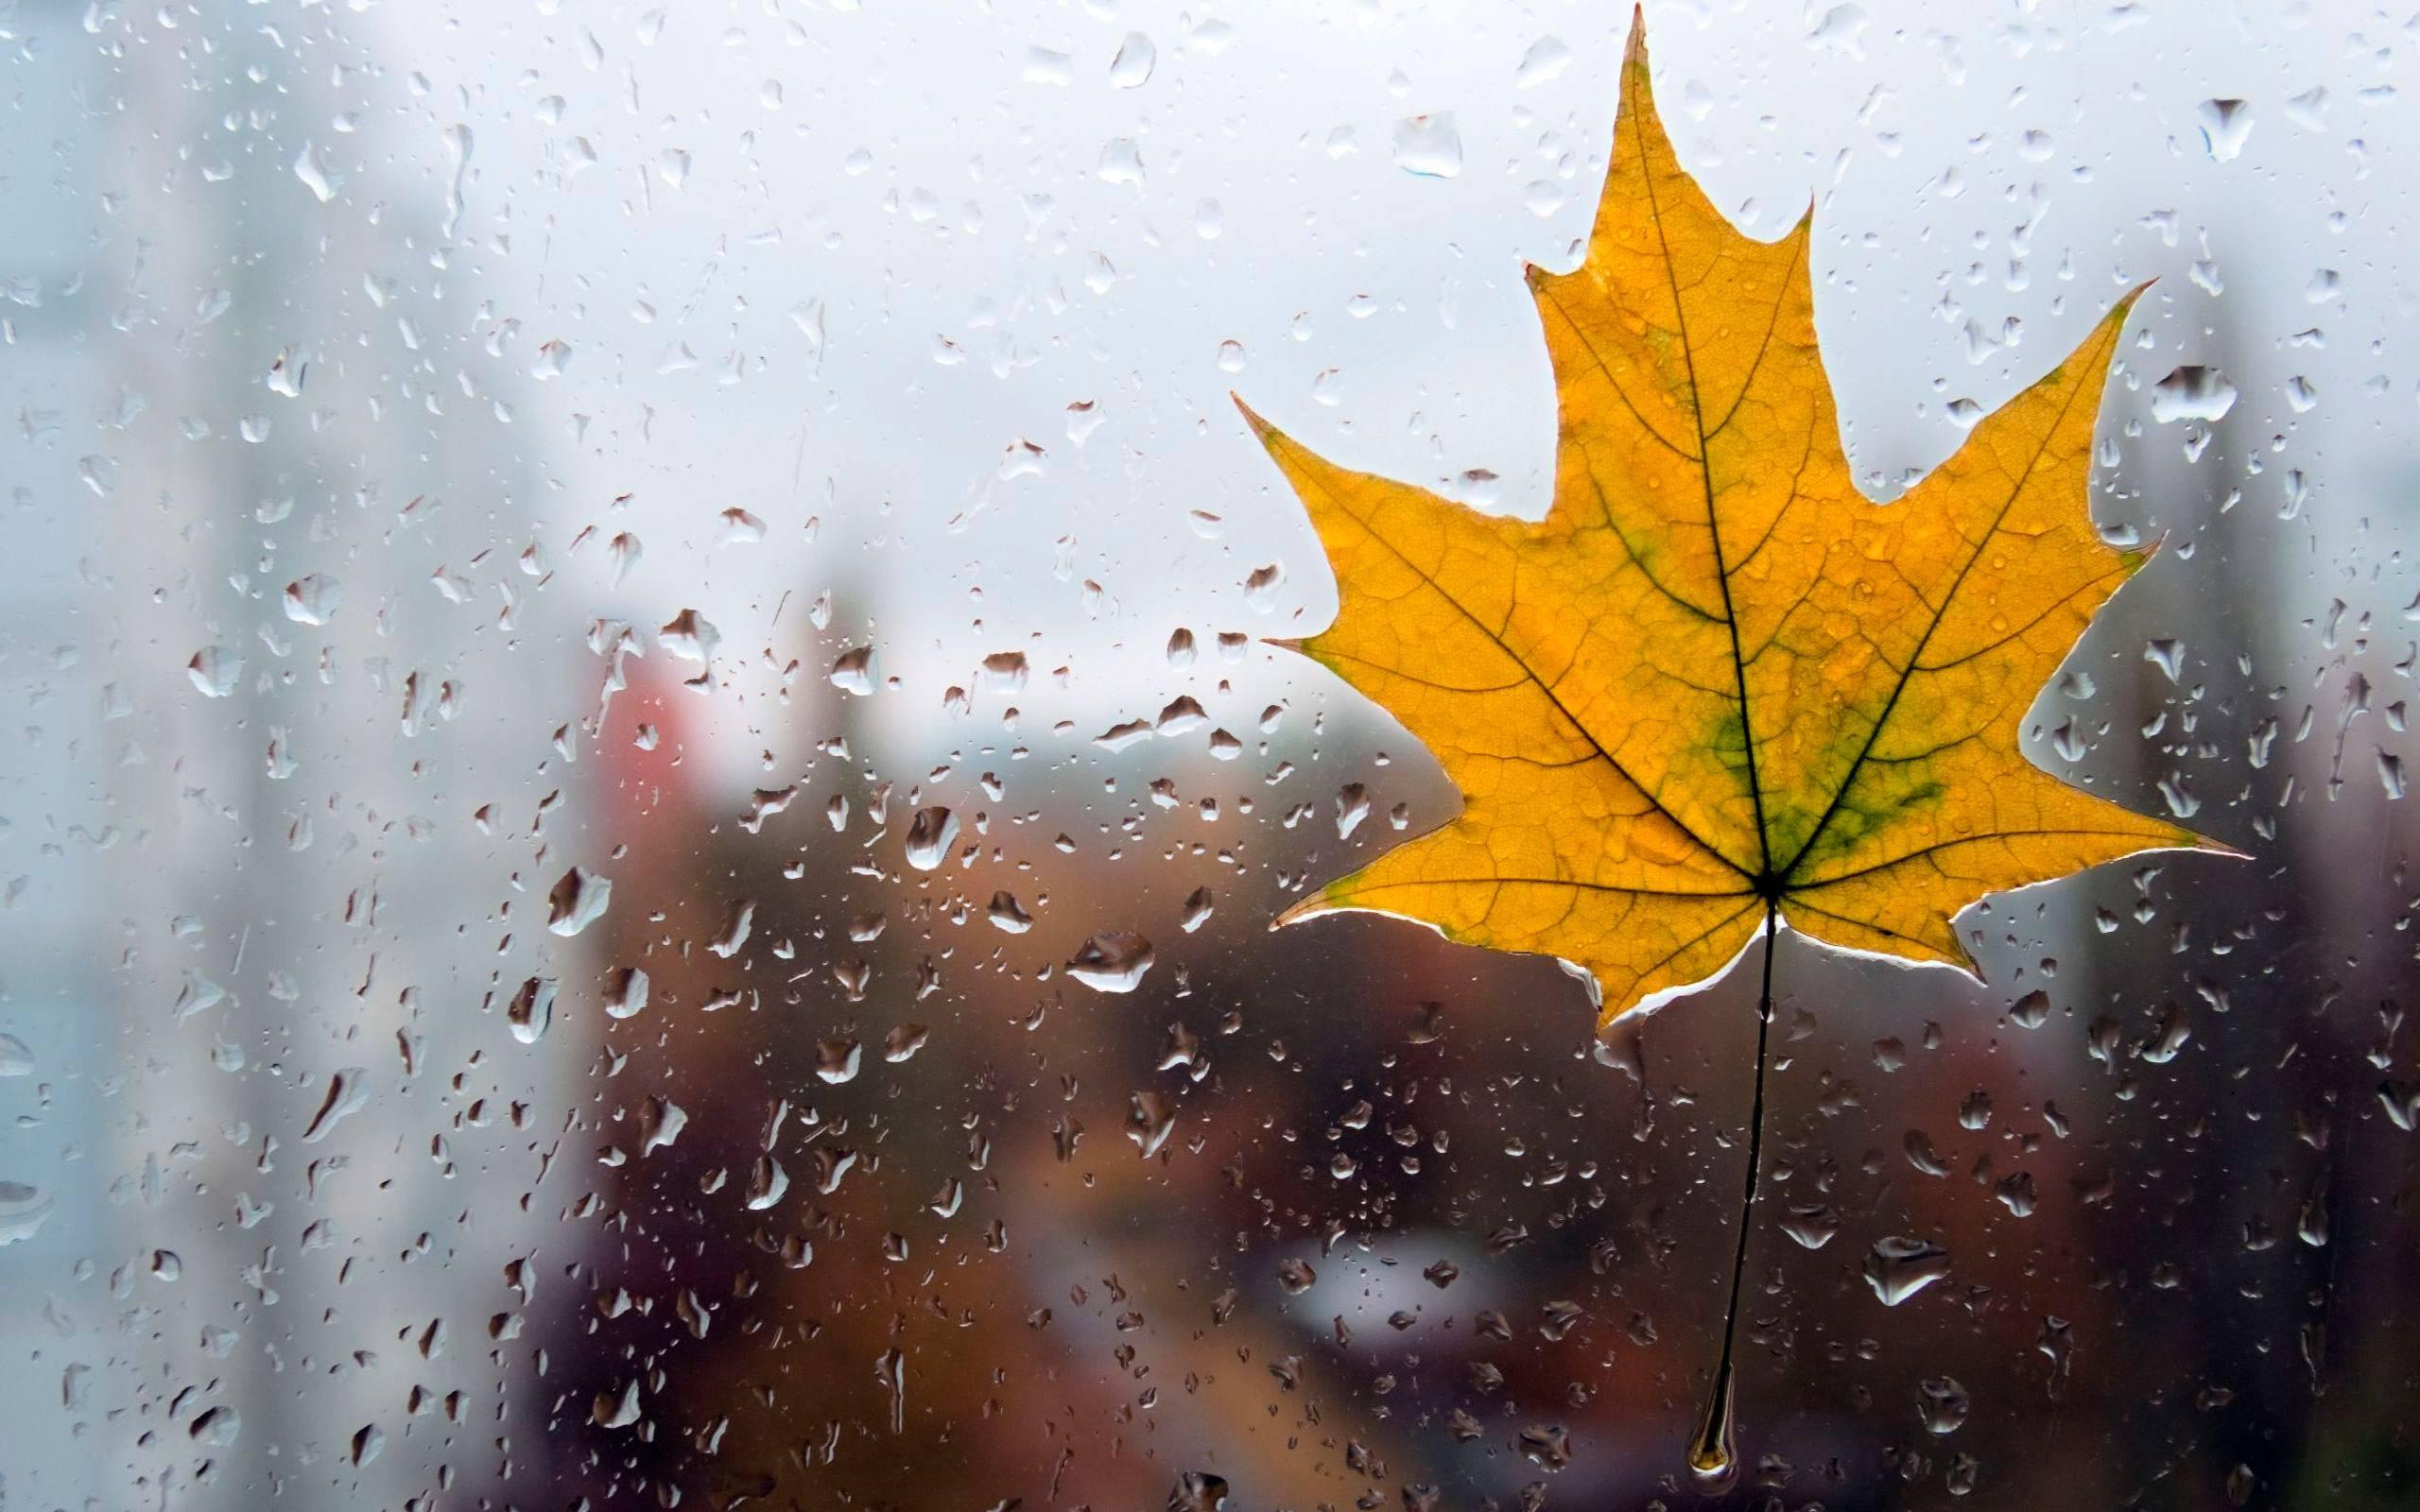 картинка погода на осень приходом более удобной